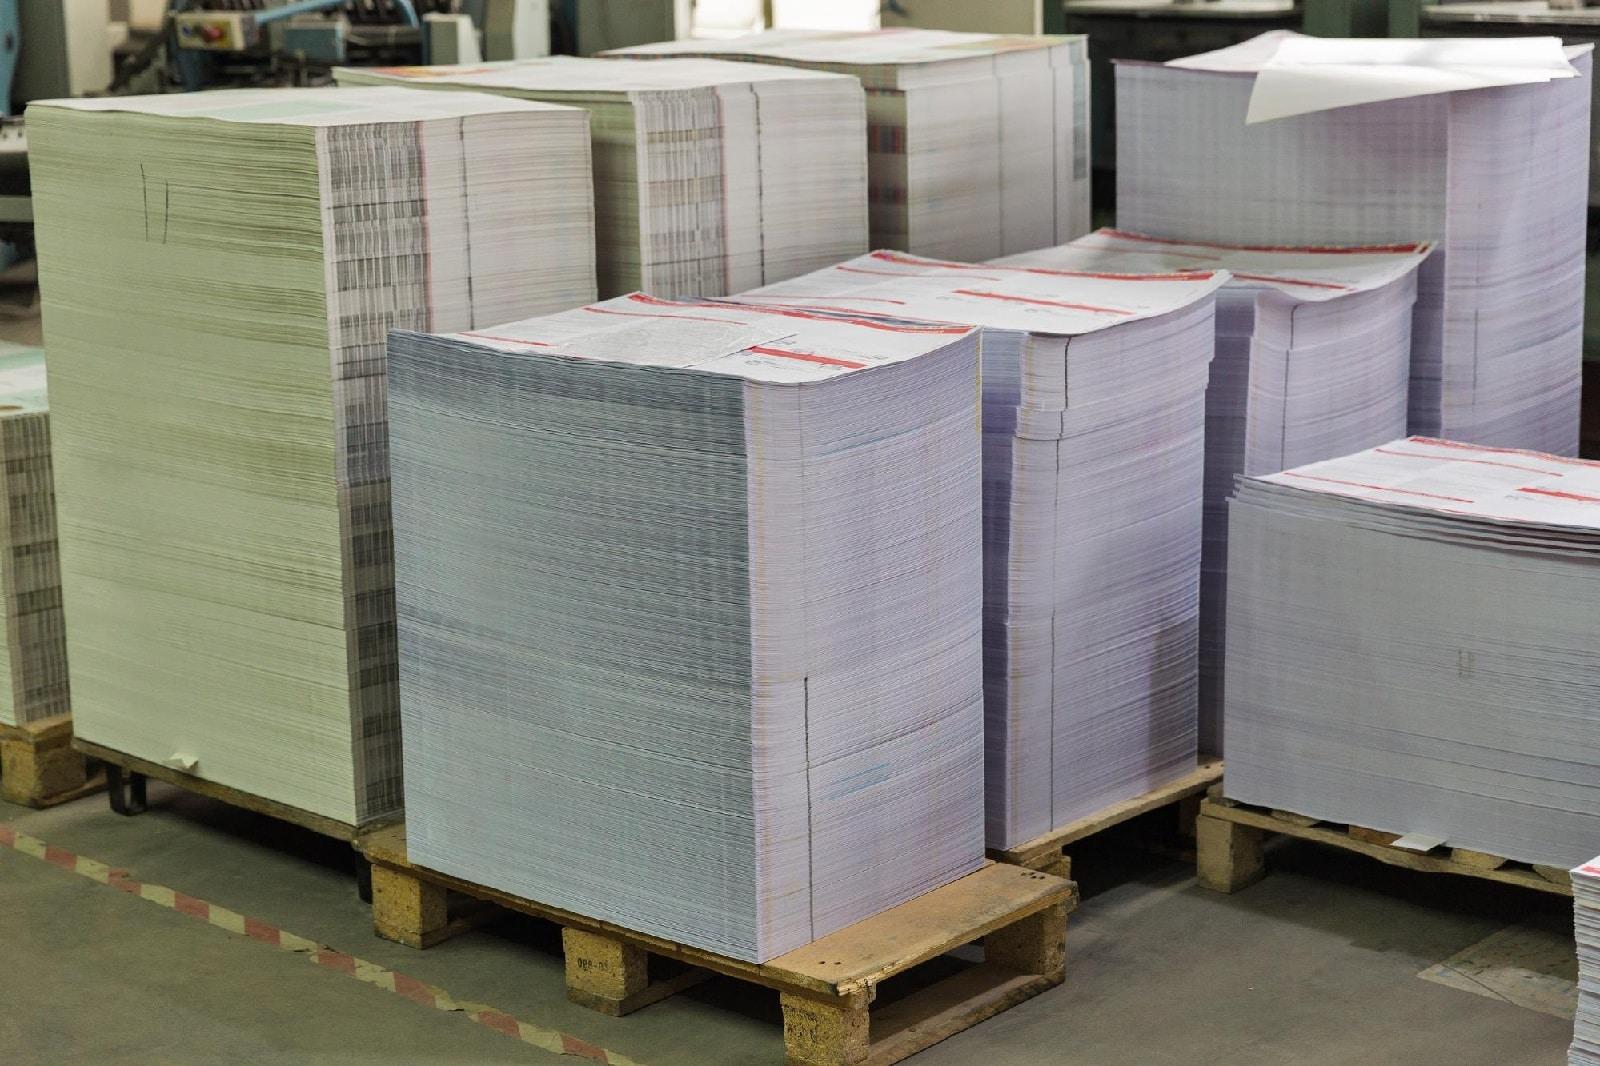 digital printing pallets at print shop